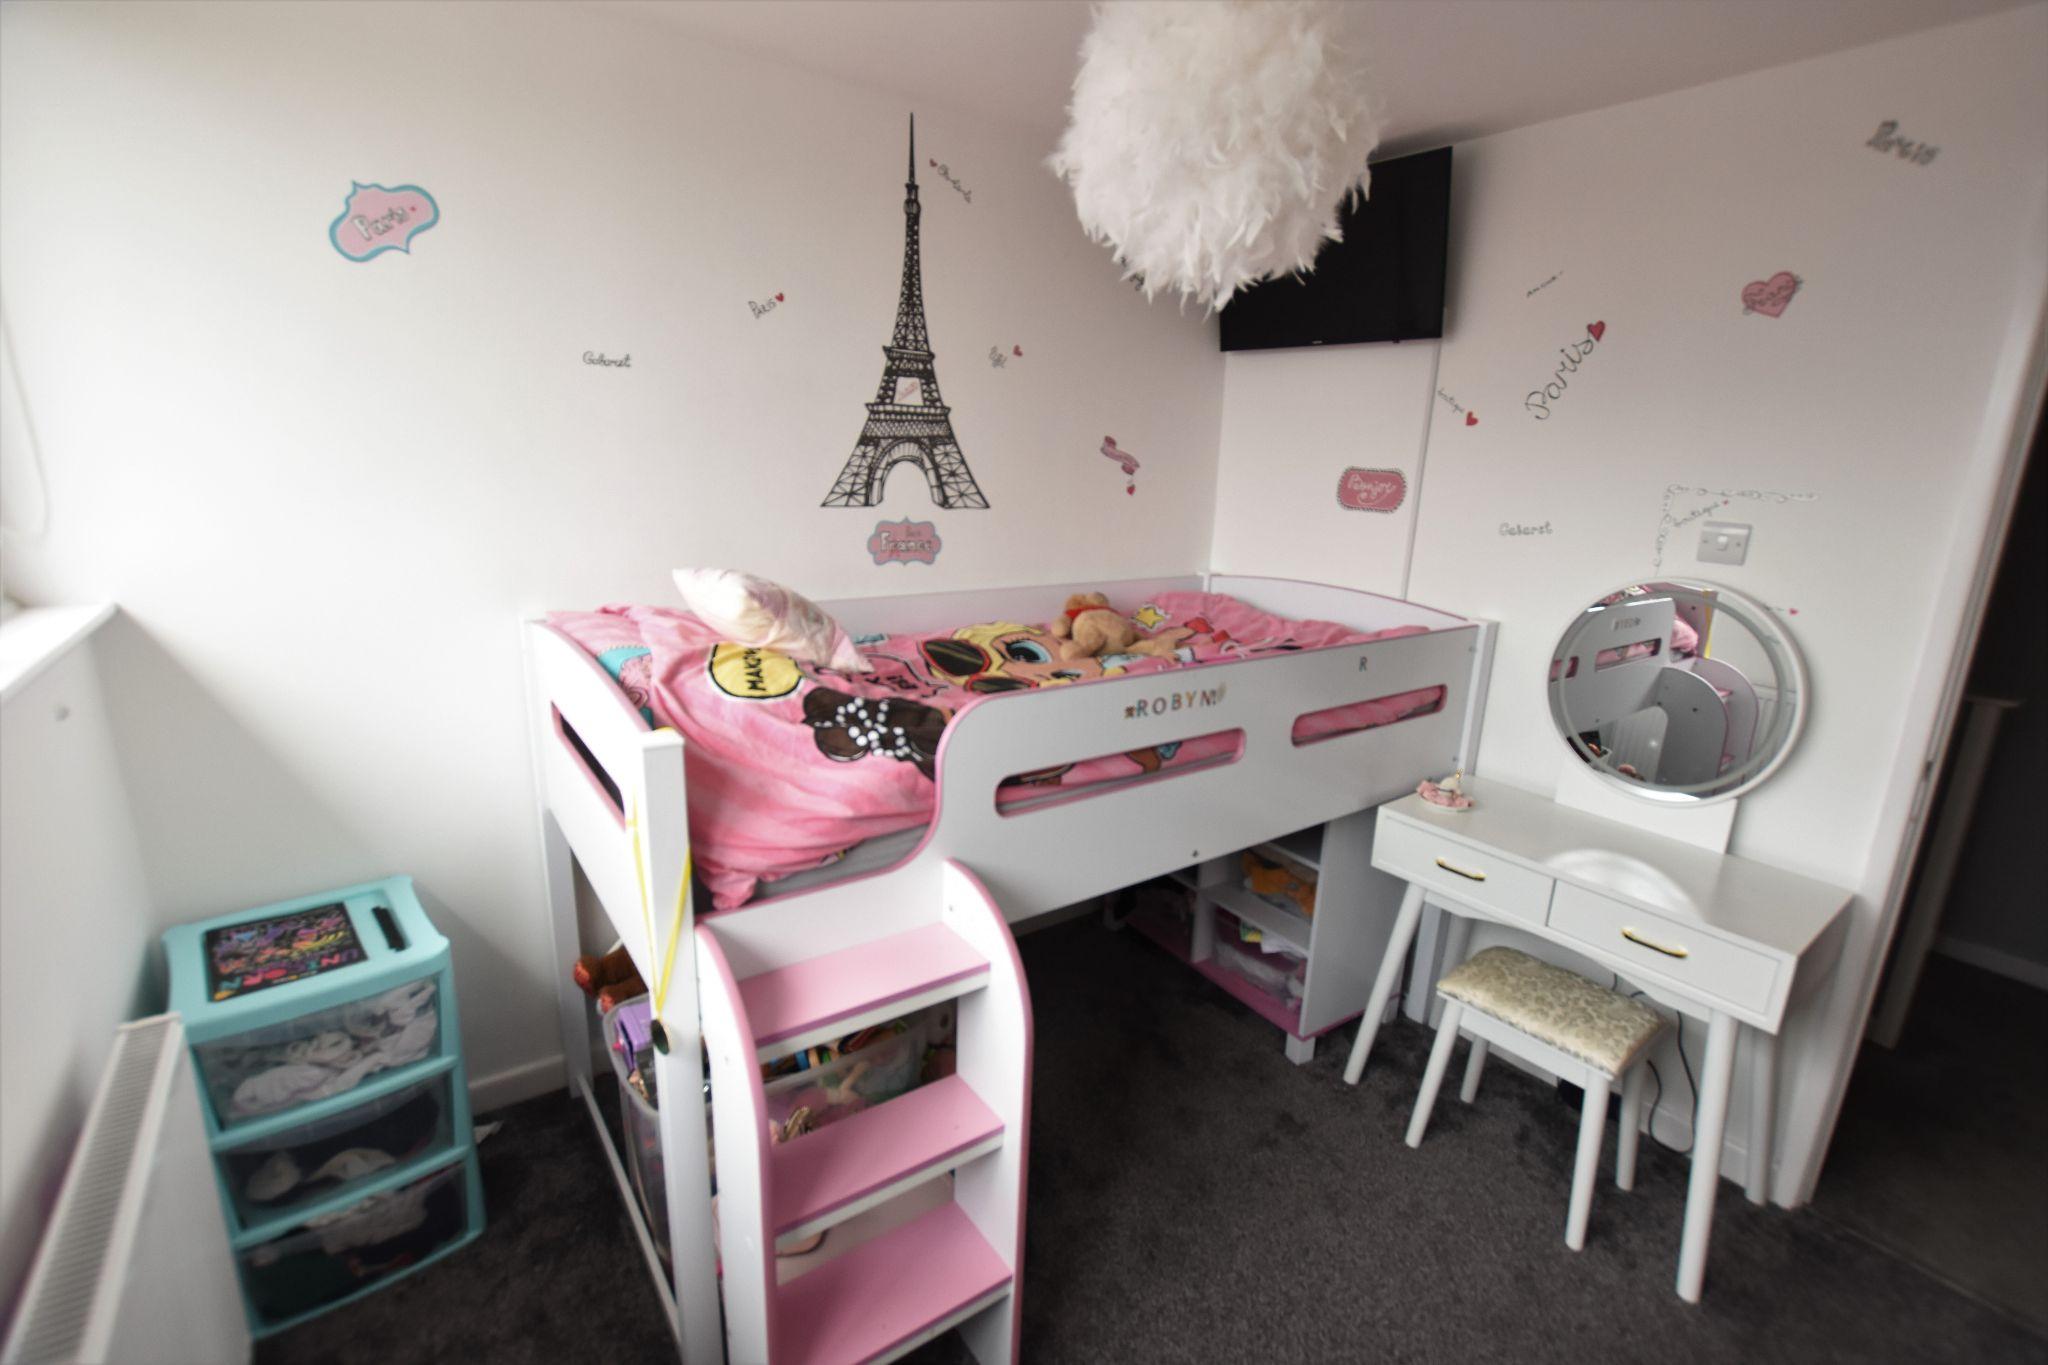 4 bedroom semi-detached bungalow Sold STC in Preston - Bedroom 3